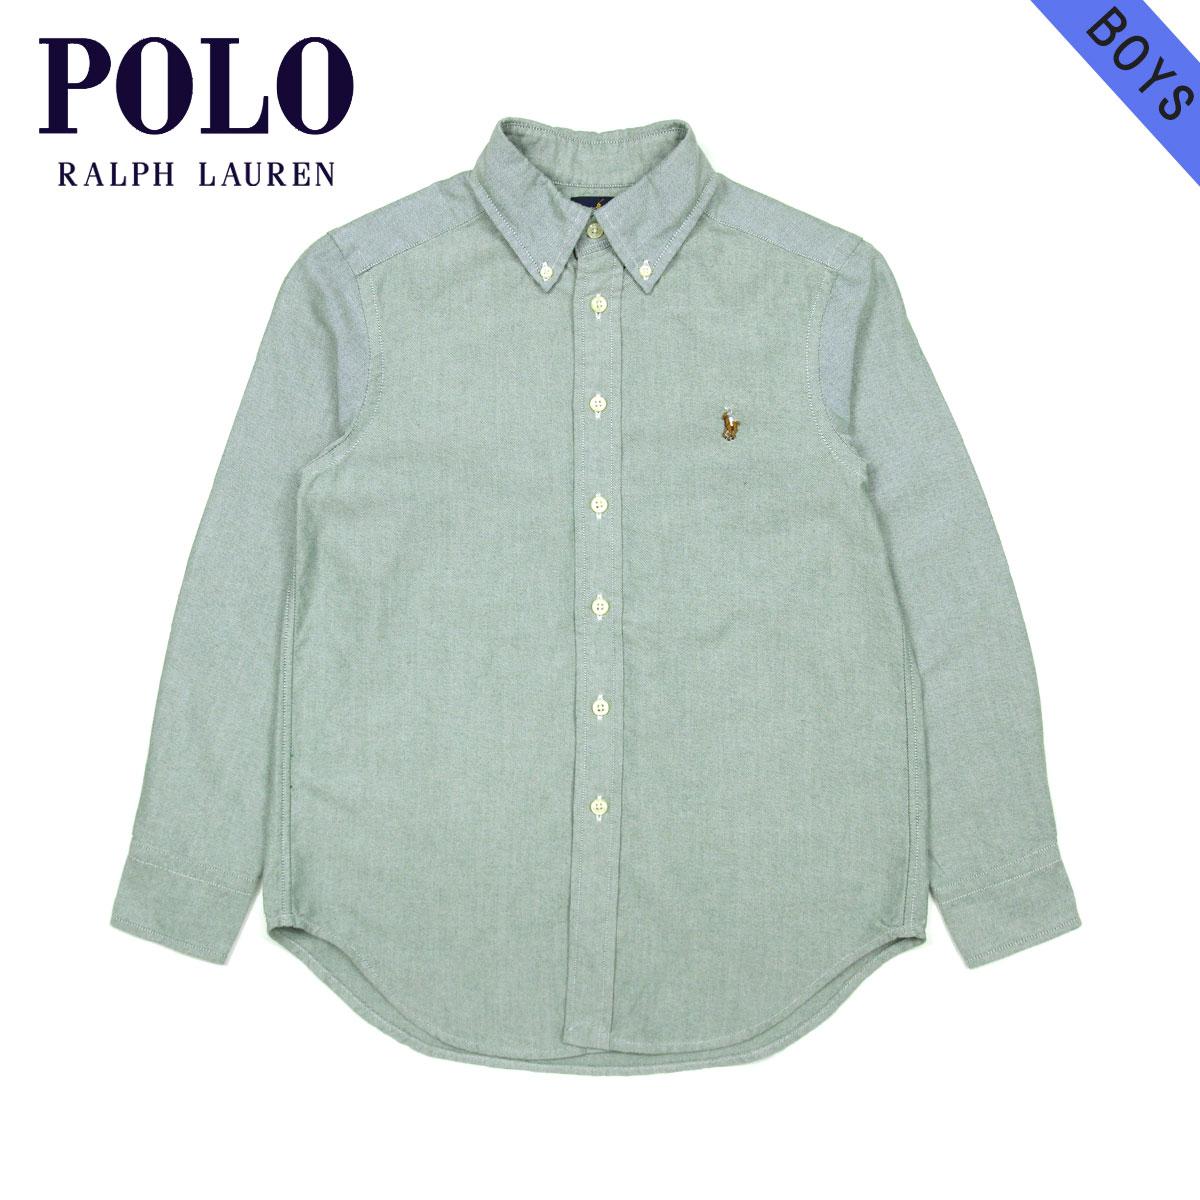 d629d9caf5473 Polo Ralph Lauren kids POLO RALPH LAUREN CHILDREN regular article children s  clothes Boys long sleeves shirt SOLID COTTON BLAKE SHIRT 37716736 D00S20